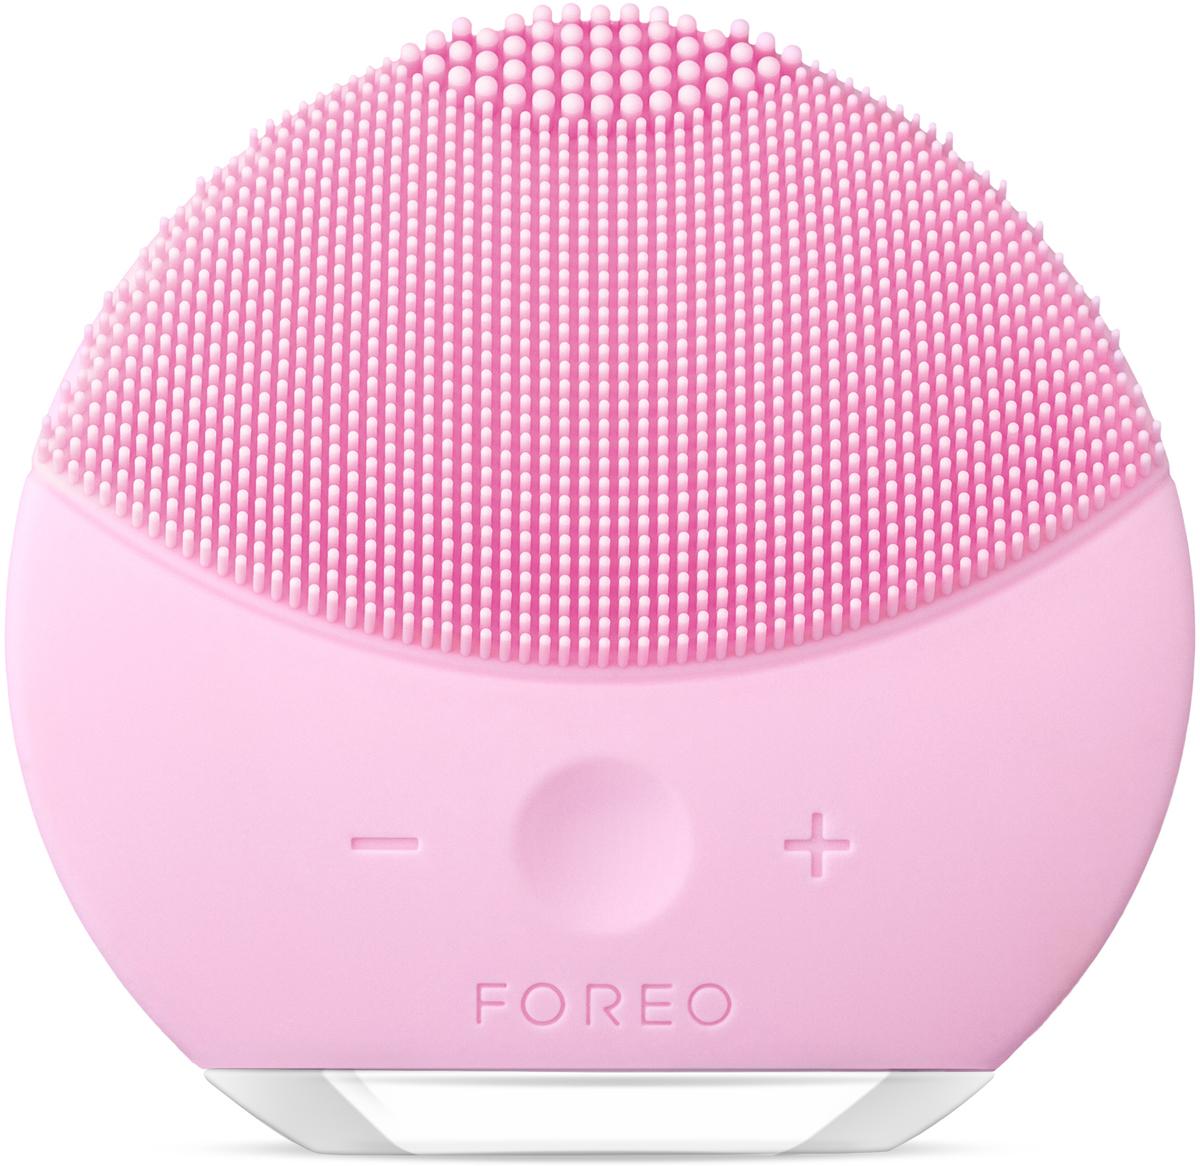 Foreo Щетка для очищения лица LUNA mini 2, цвет: Pearl Pink (розовый)F6224LUNA mini 2 от шведского бьюти бренда FOREO это компактная щетка для очищения лица с усовершенствованной технологией TSonic, 8 ю уровнями интенсивности и индивидуальной настройкой очистки. Всего 1 минута дважды в день и твоя кожа всегда будет свежей, чистой и более гладкой. Мягкие силиконовые щетинки, передающие до 8000 T Sonic пульсаций в минуту, глубоко, но нежно очищают поры кожи от 99,5% грязи, кожного жира и остатков макияжа. Электрическая щетка для лица LUNA mini 2 избавляет кожу от приводящих к воспалениям загрязнений, обеспечивая при этом бережный уход. Электрическая щетка LUNA mini 2 не нуждается в замене головки щетки. Она выполнена из высокопрочного безопасного гипоаллергенного беспористого силикона, предотвращающего скопление бактерий, что делает ее в 35 раз гигиеничнее обычных нейлоновых щеток. Легкая и полностью водонепроницаемая LUNA mini 2 имеет 8 режимов скоростей и идеальна для использования в ванне и душе, полной зарядки прибора хватает на 300 сеансов очистки.